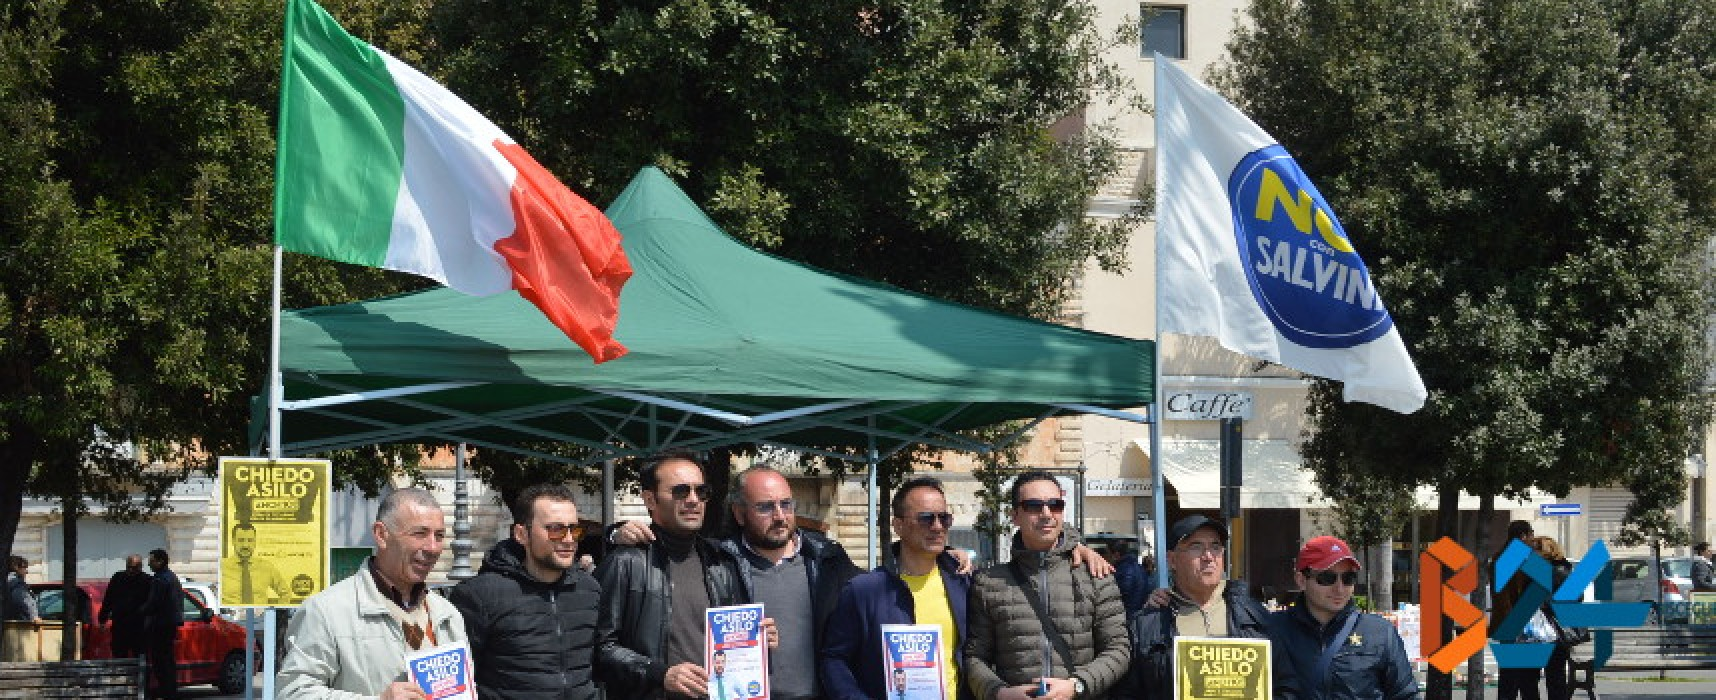 Noi con Salvini Puglia revoca tutti gli incarichi politici a Rocco Prete